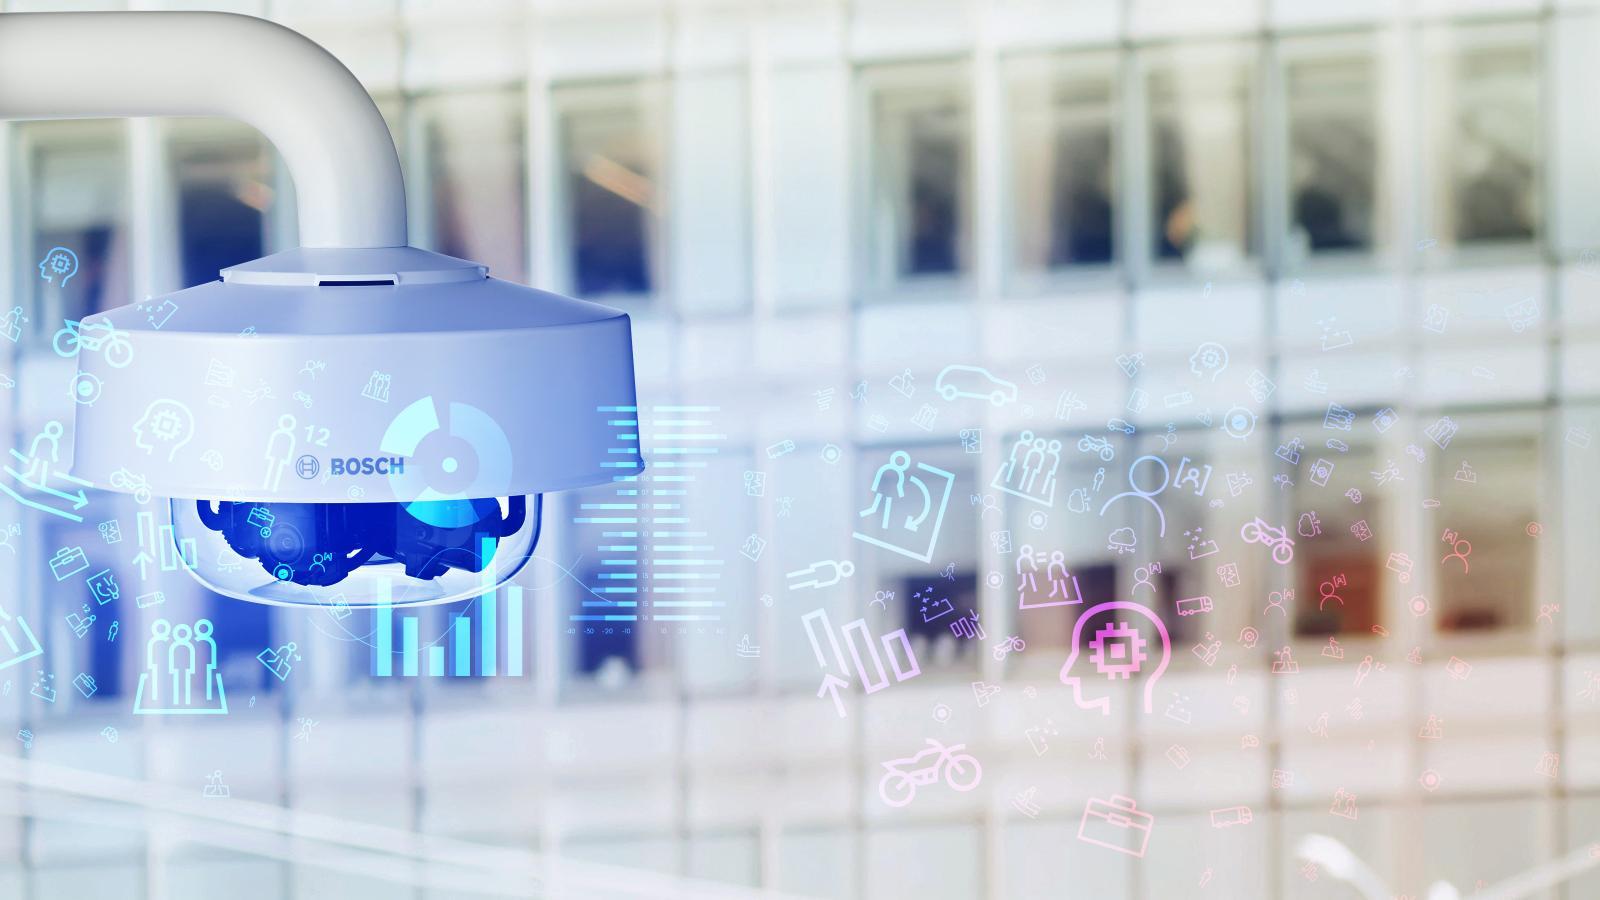 Bosch multi sensor camera